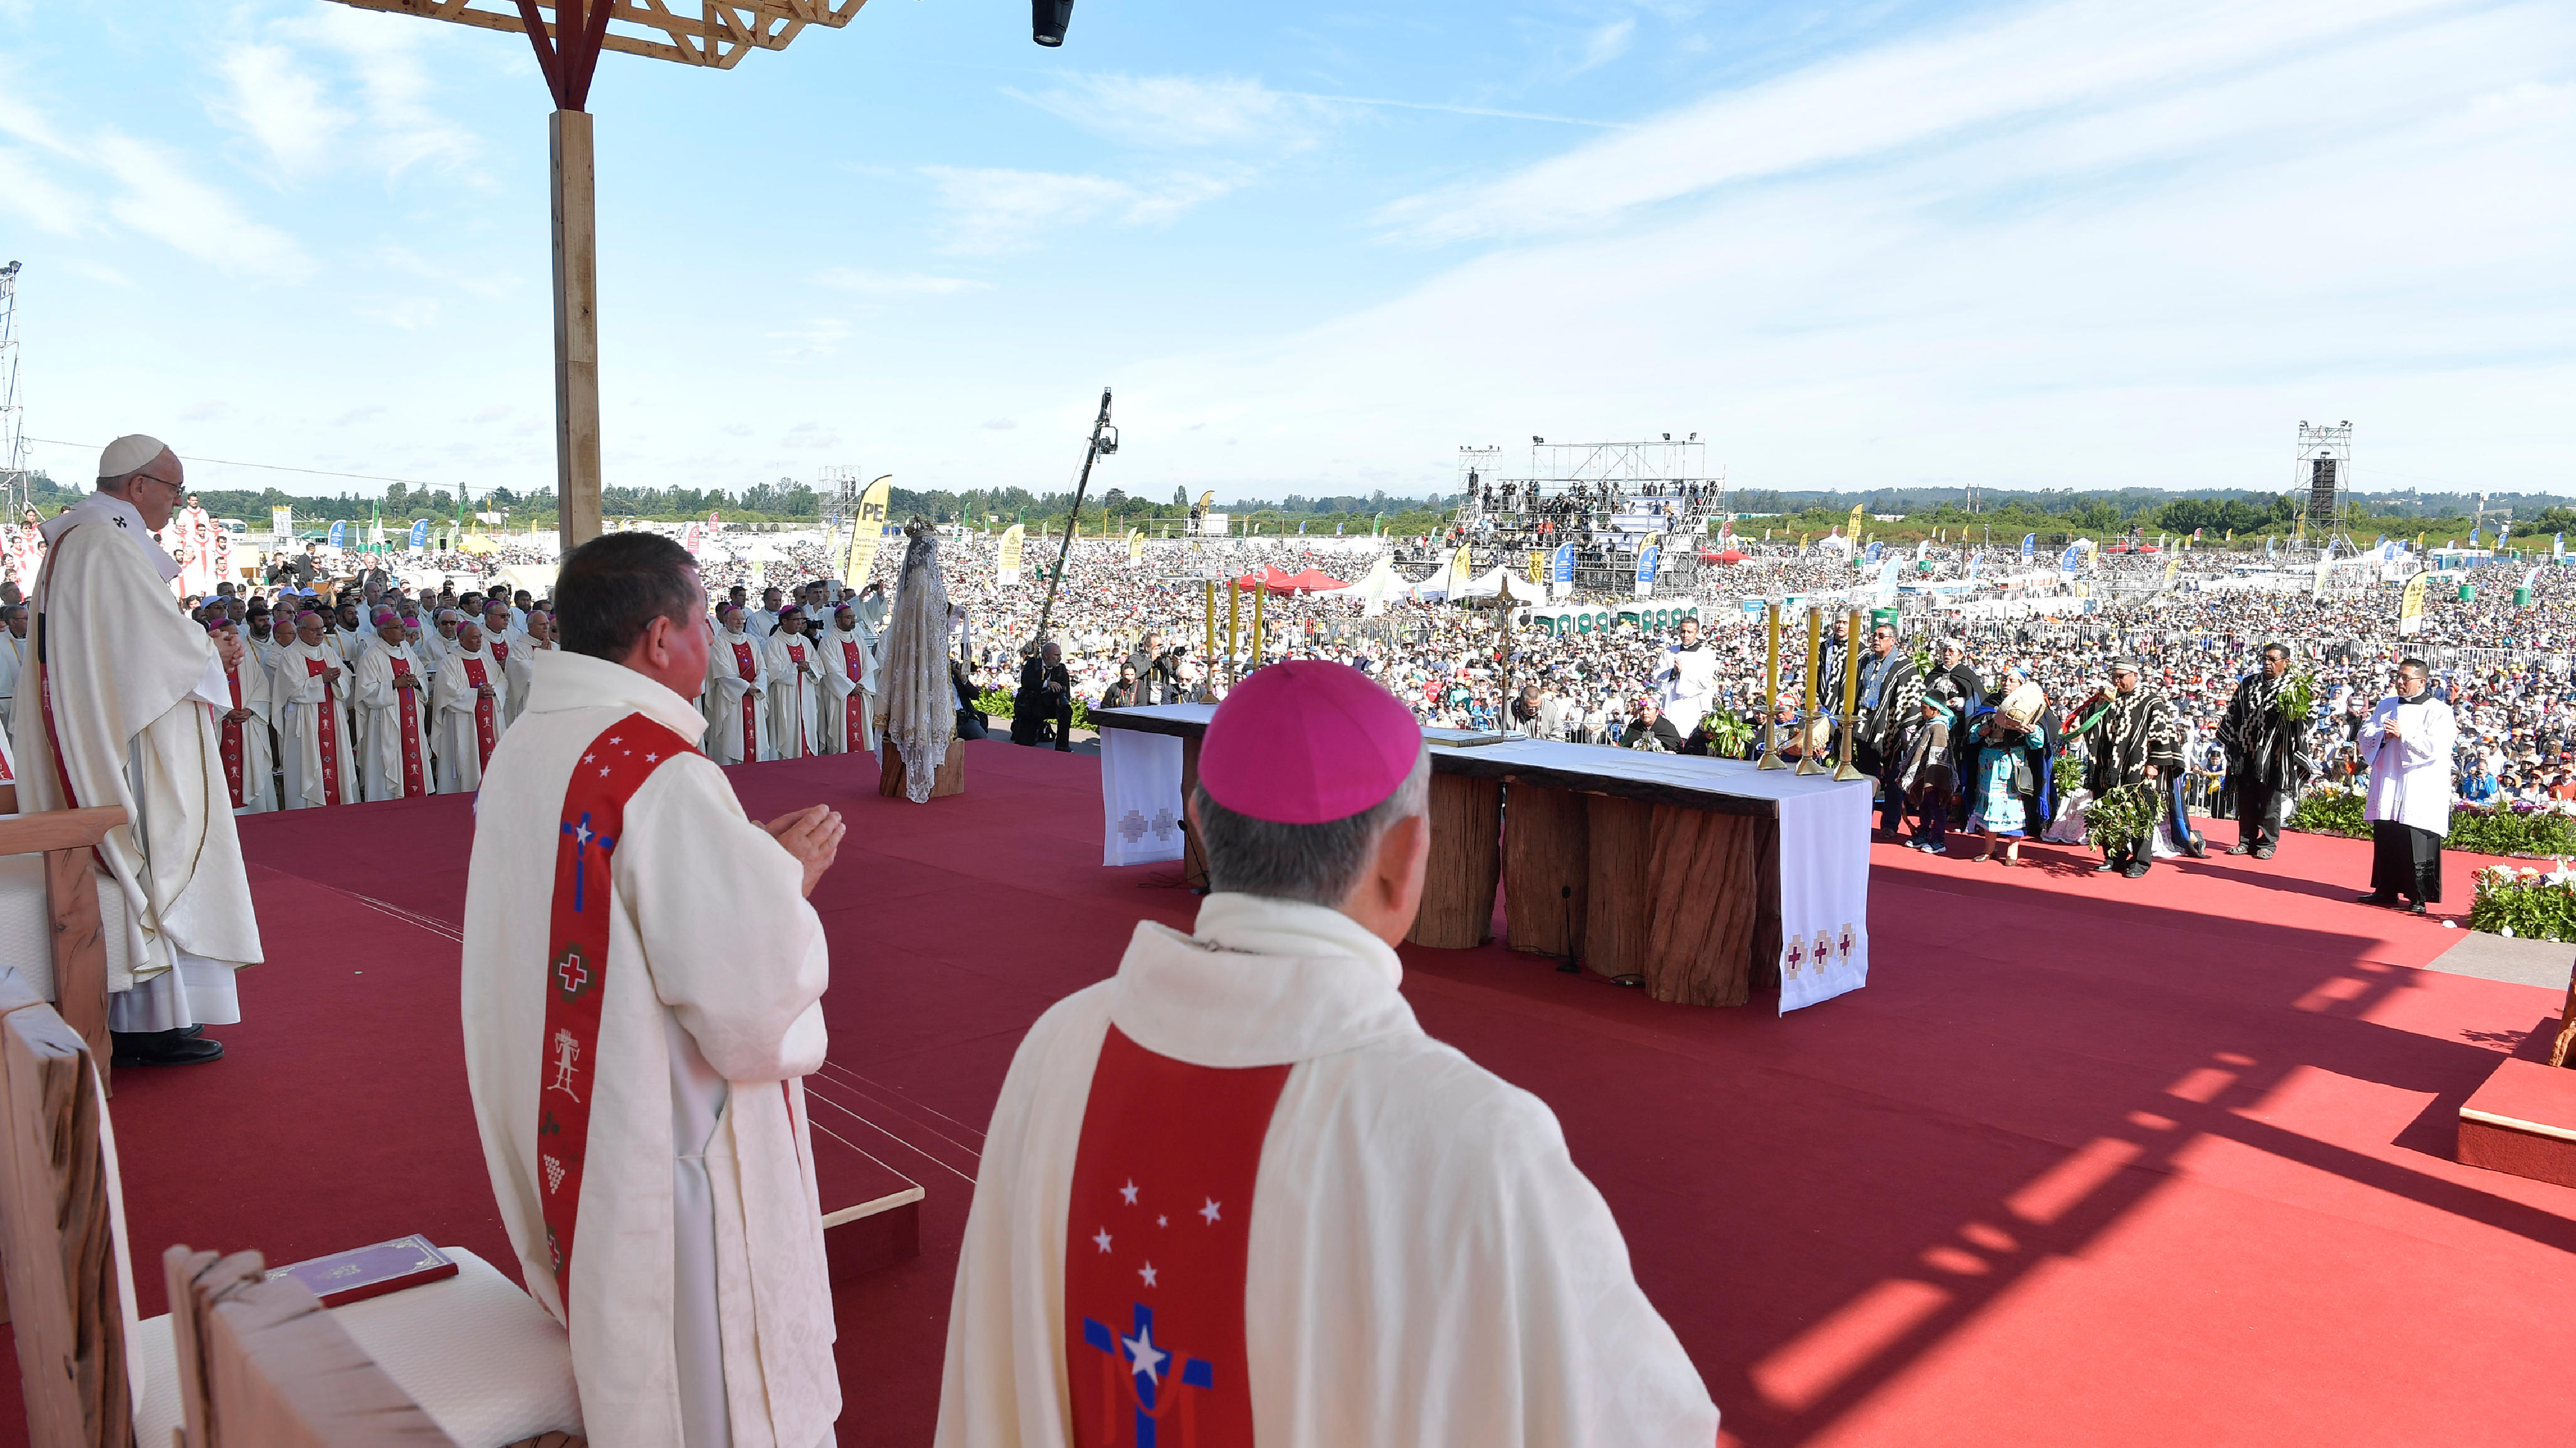 El Papa Francisco celebra la Misa por el progreso de los pueblos en Temuco © L'Osservatore Romano